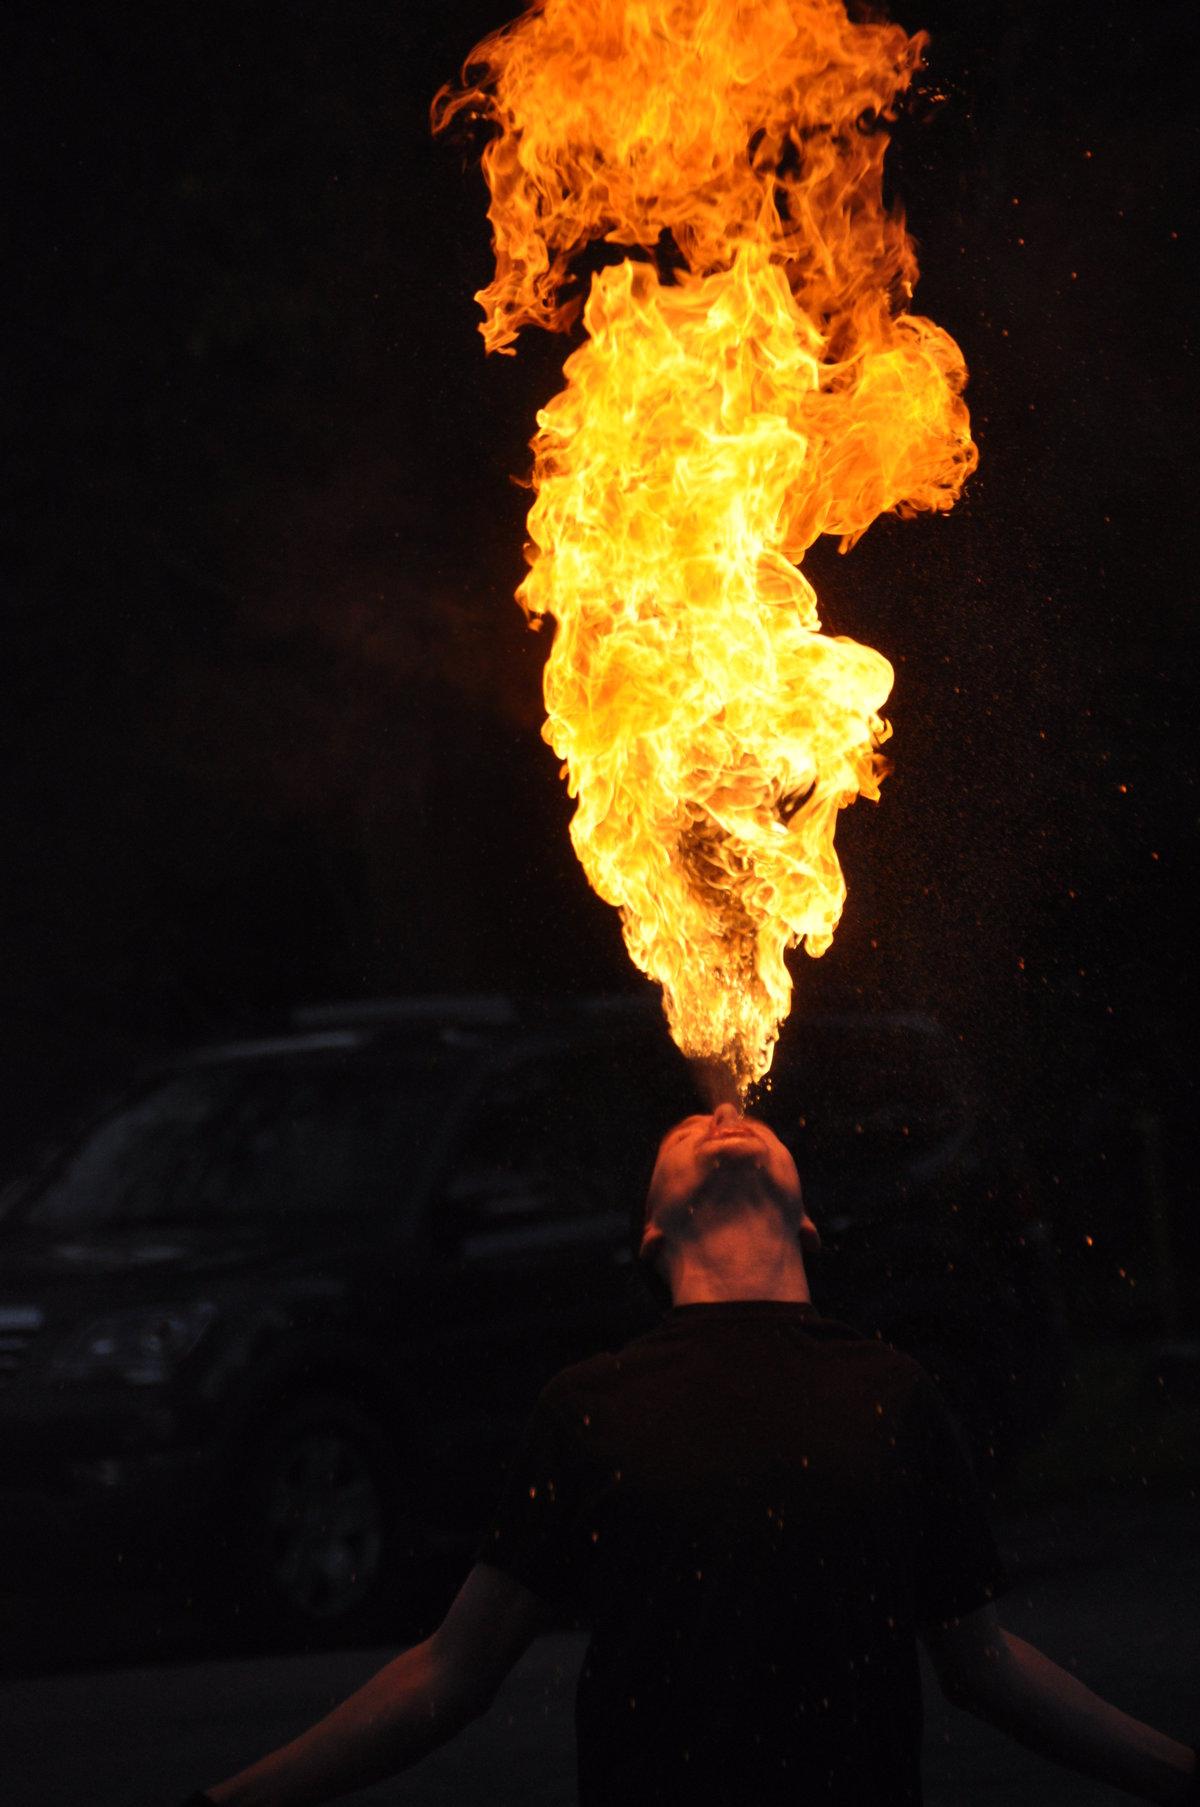 Картинки с человека в огне